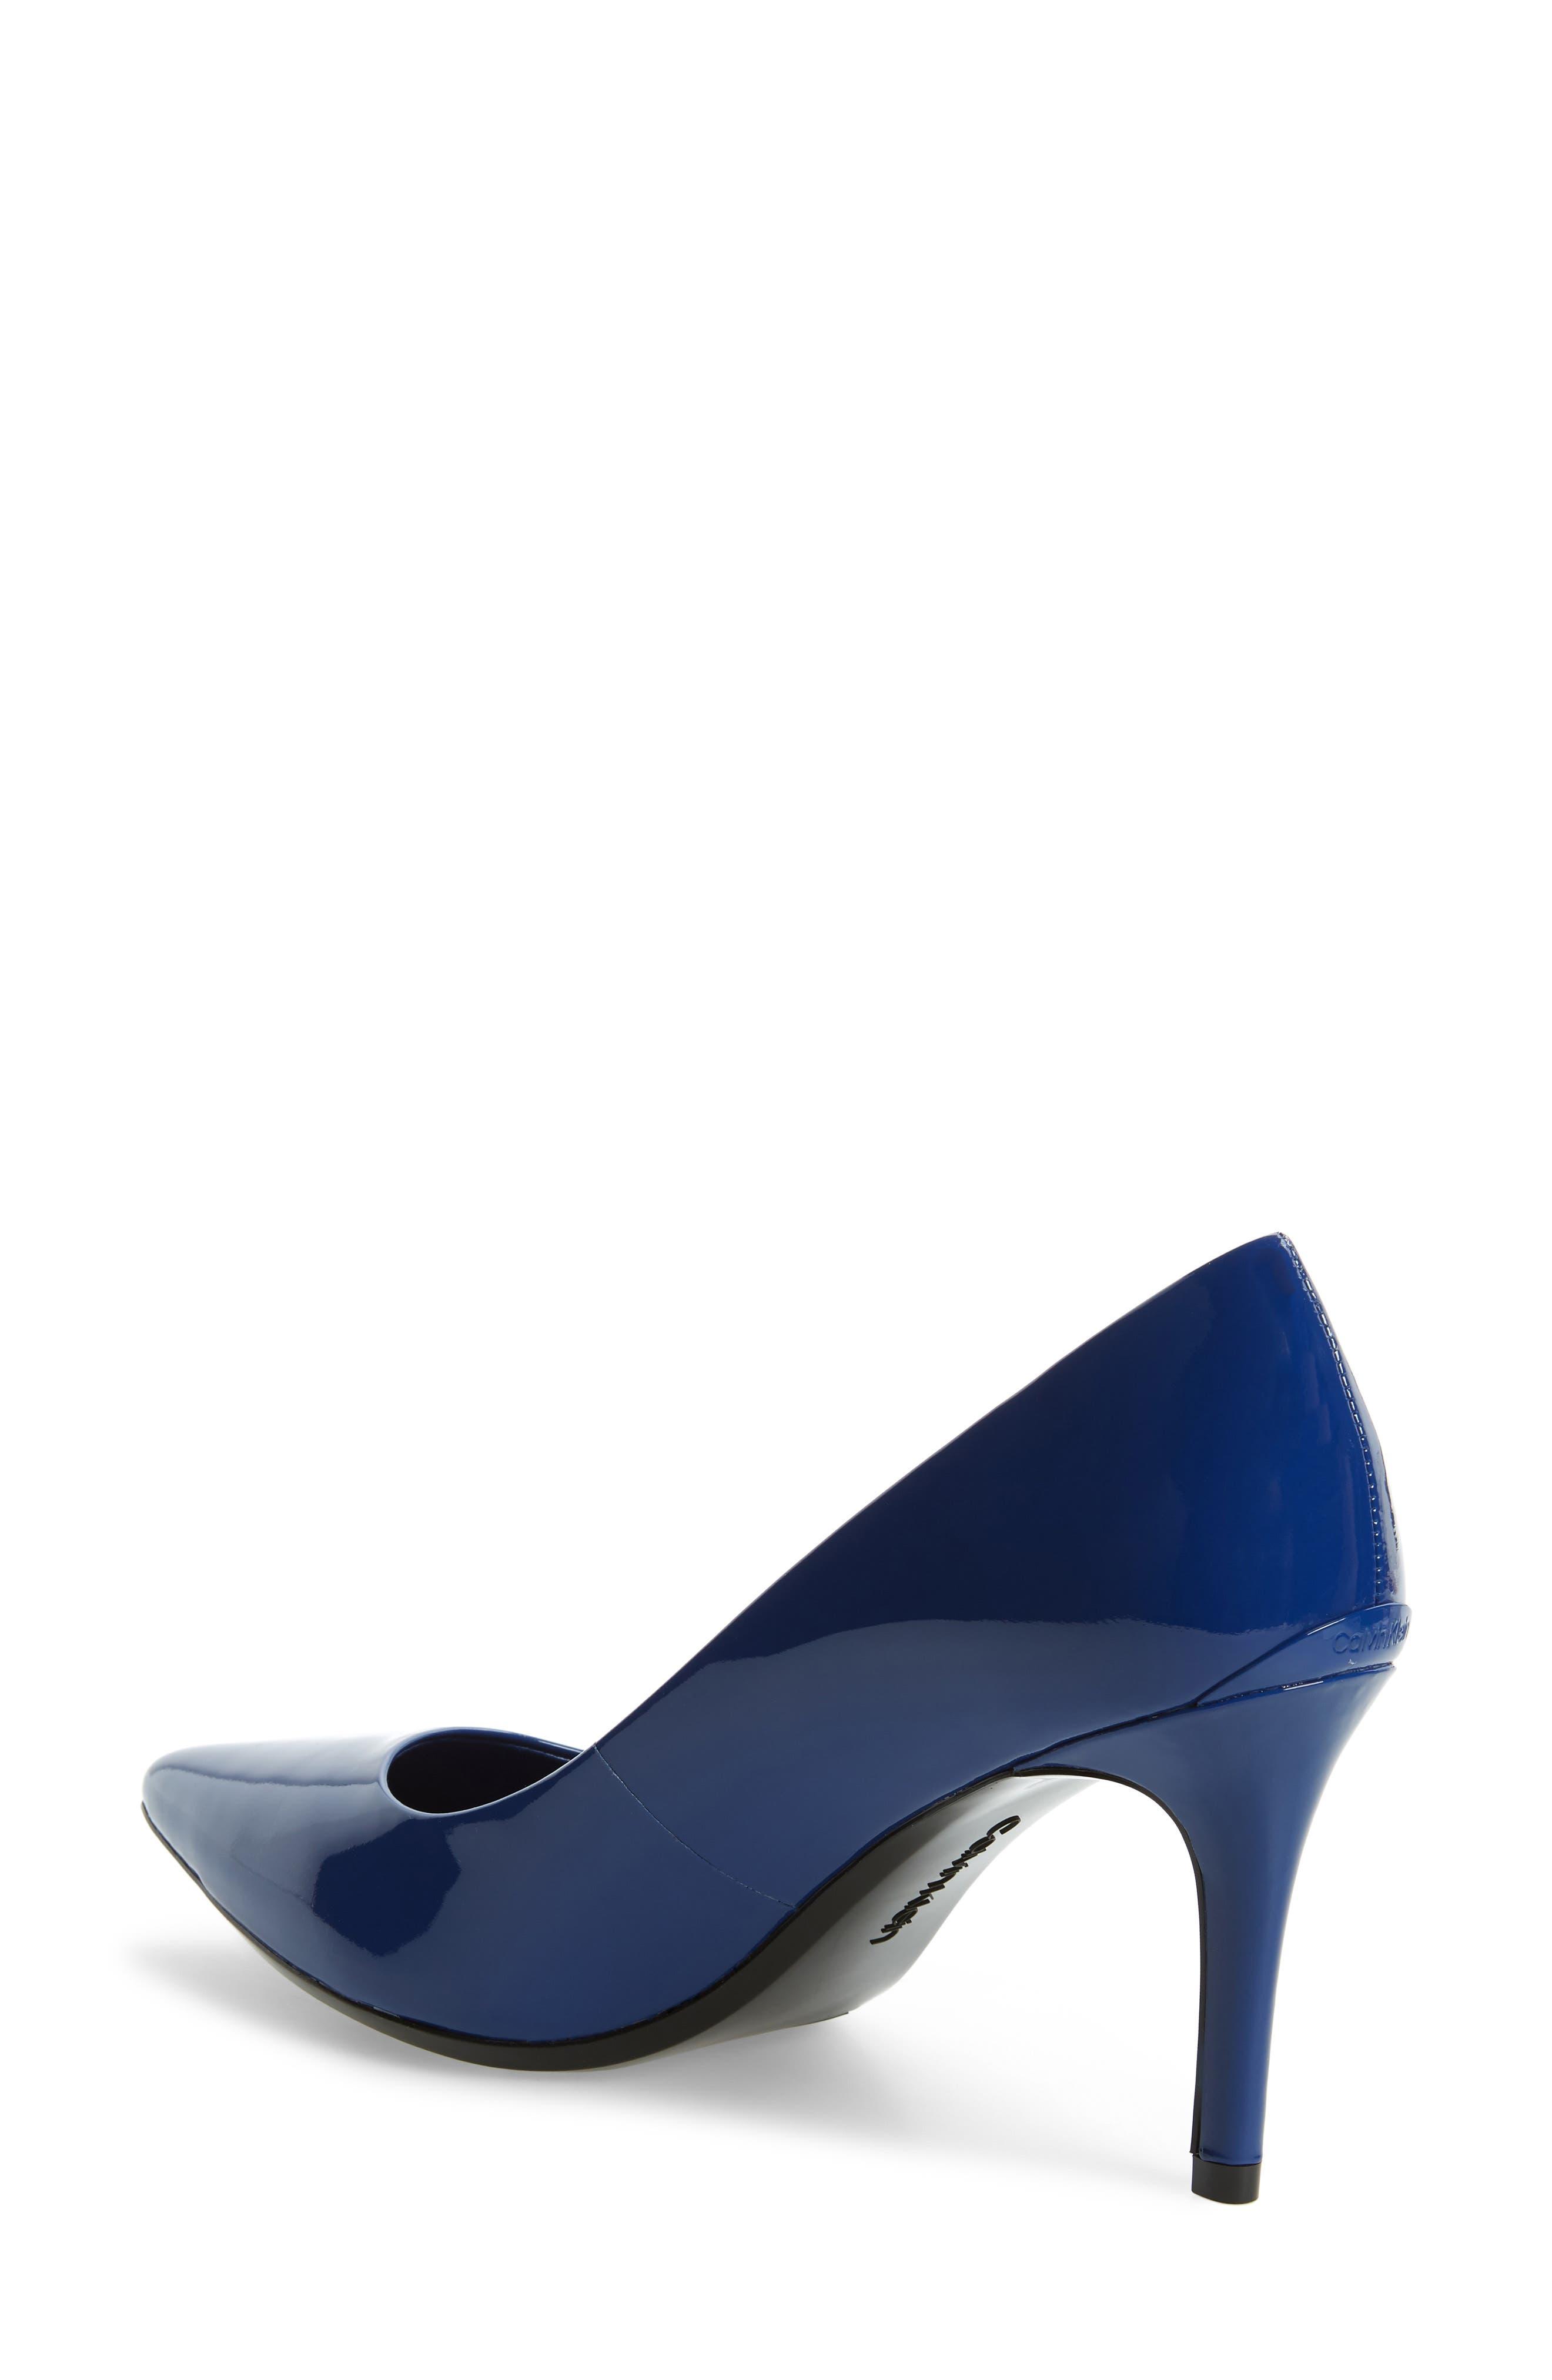 90ad1c9beb5 Women s Blue Heels